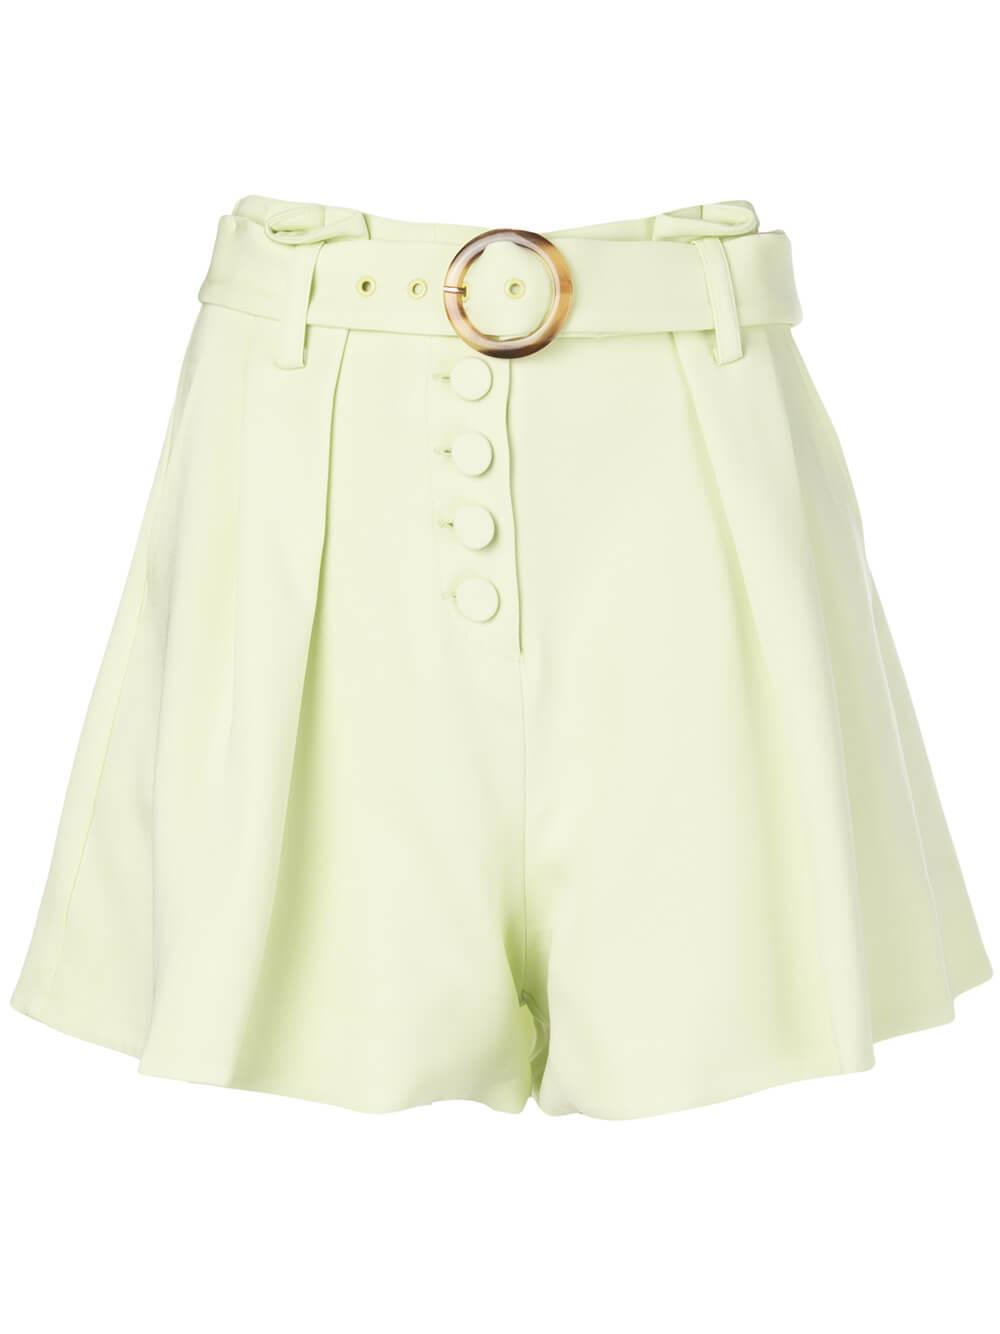 Lena Belted Crepe Short